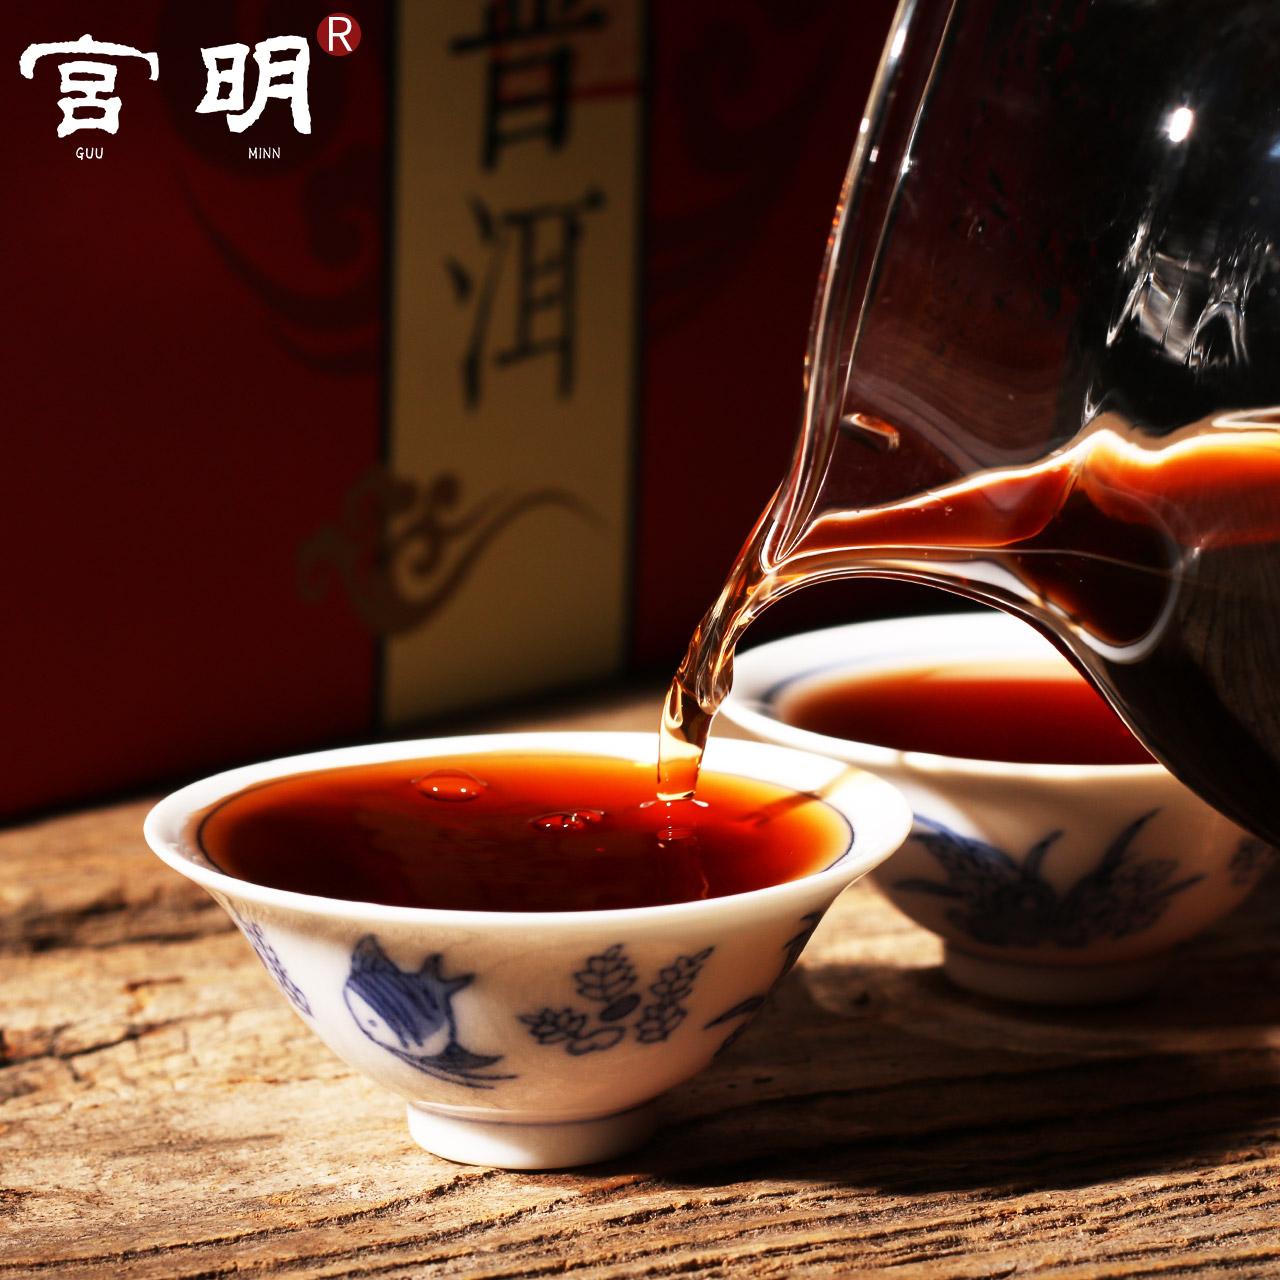 500g 醇香散茶 老茶头 年易武古树 03 经典 云南普洱茶熟茶 宫明茶叶